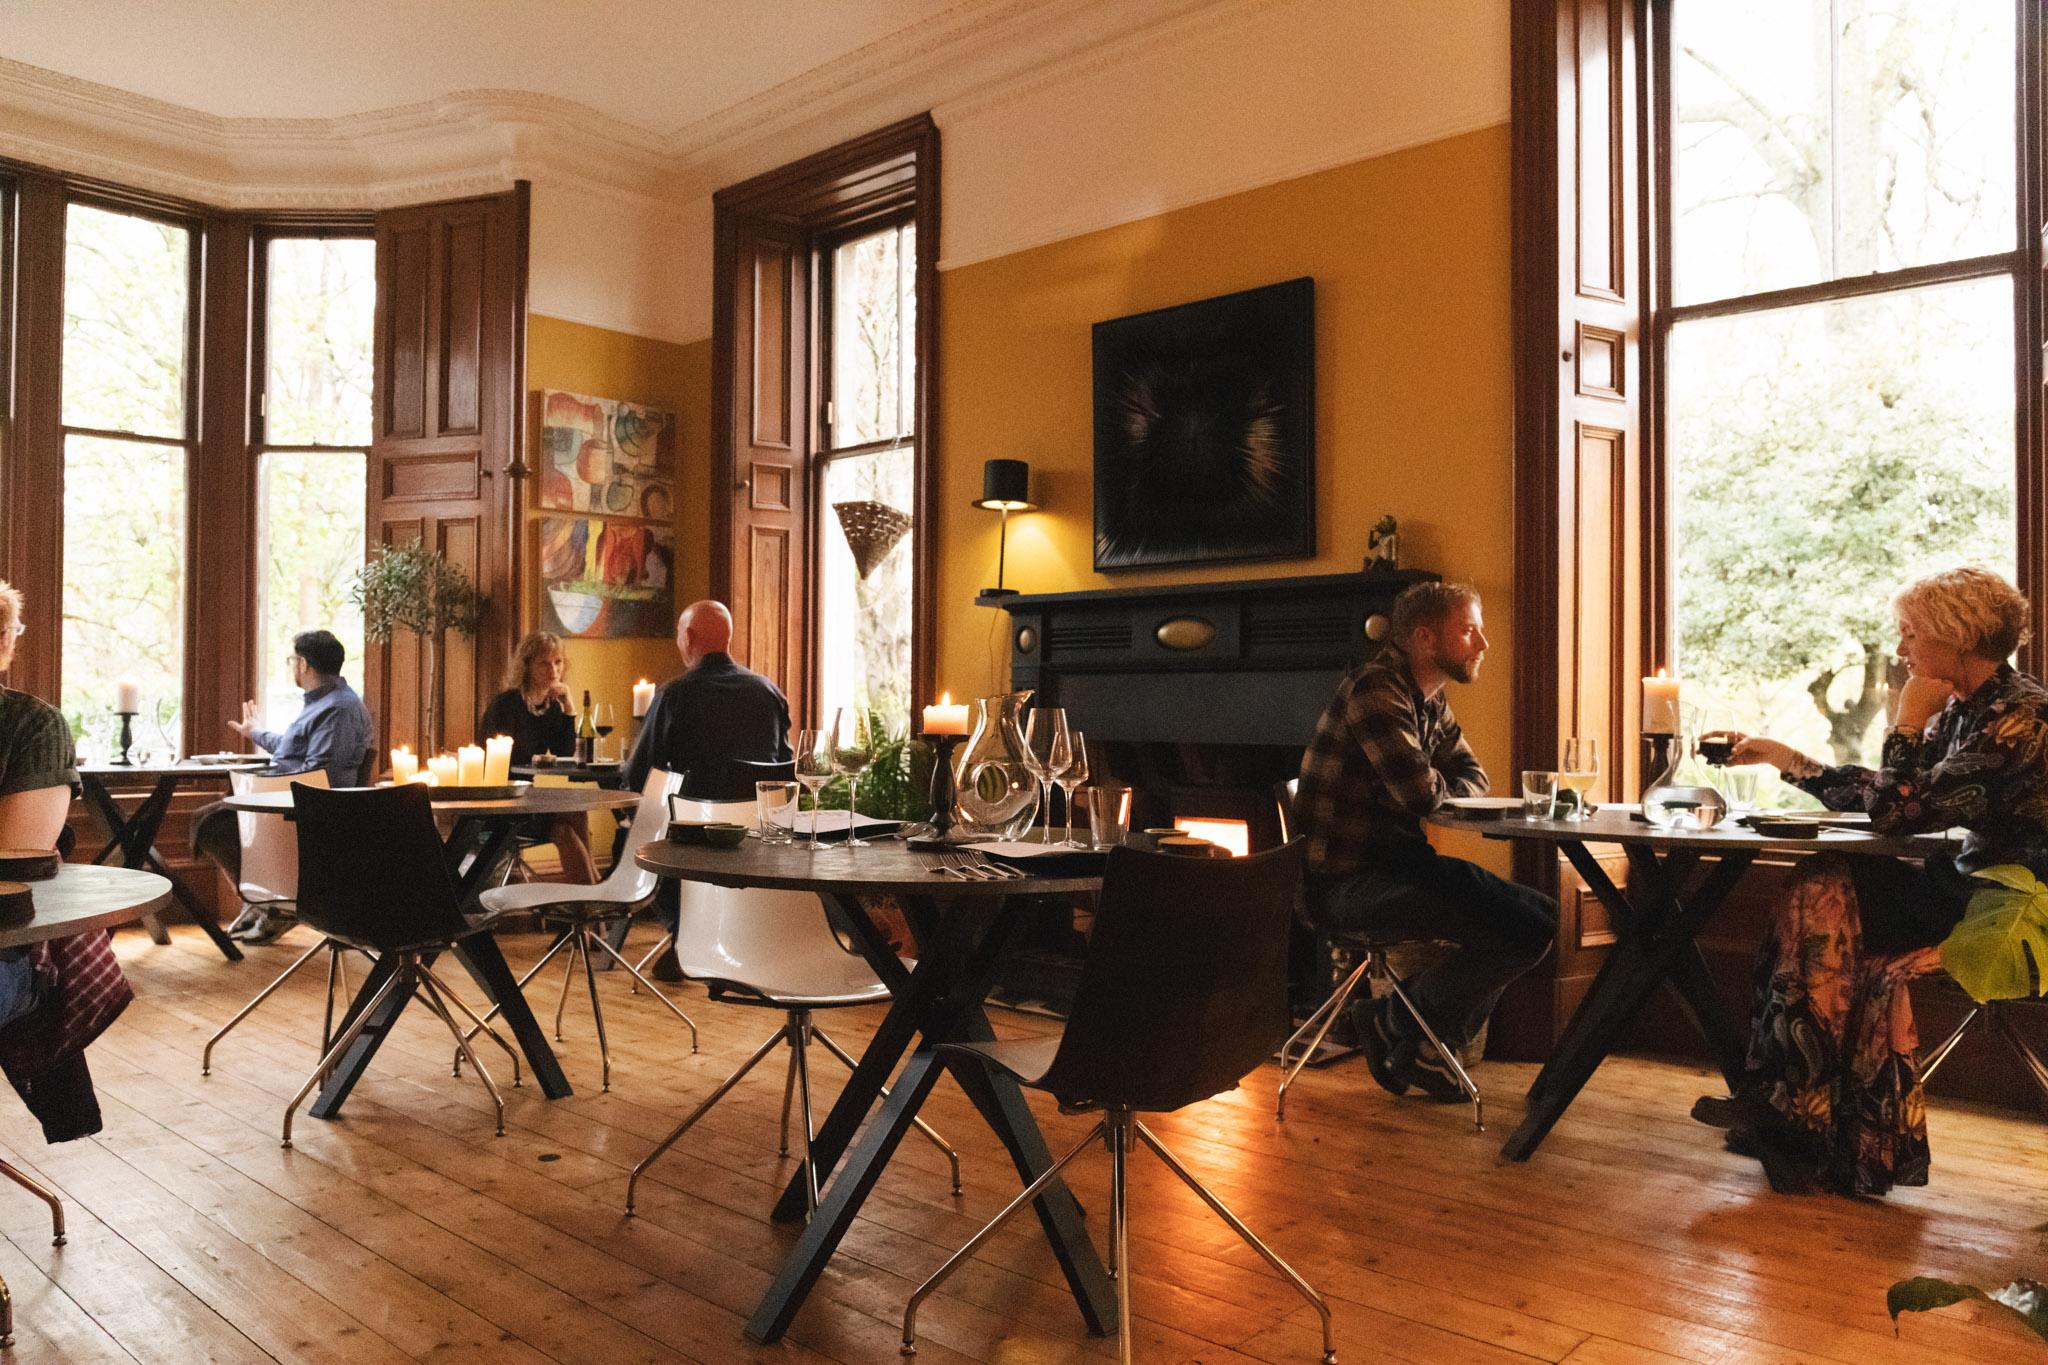 Saorsa_1875_hotel_dining_room-2